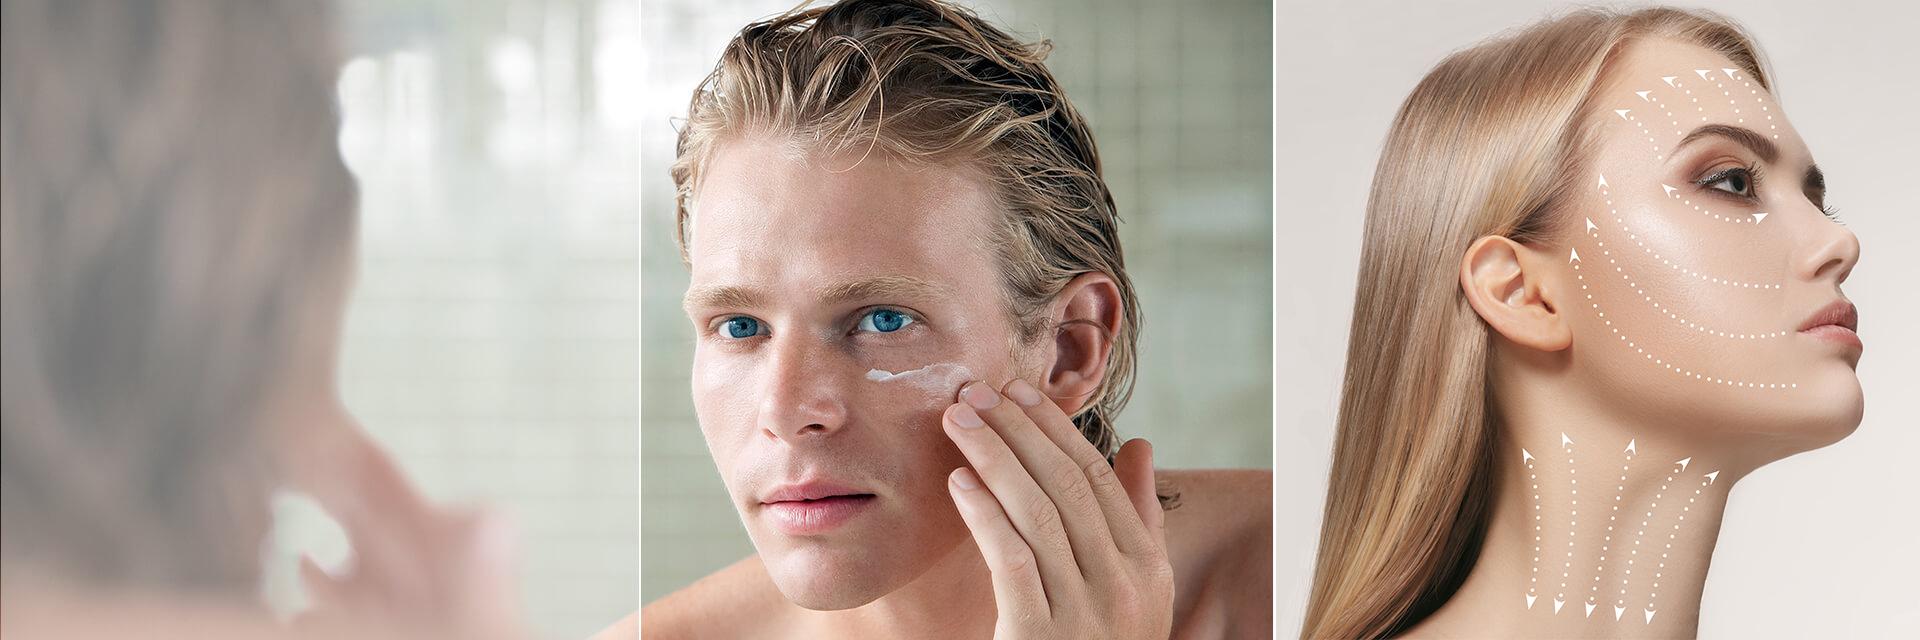 schoonheidssalon centifolia huidbehandeling